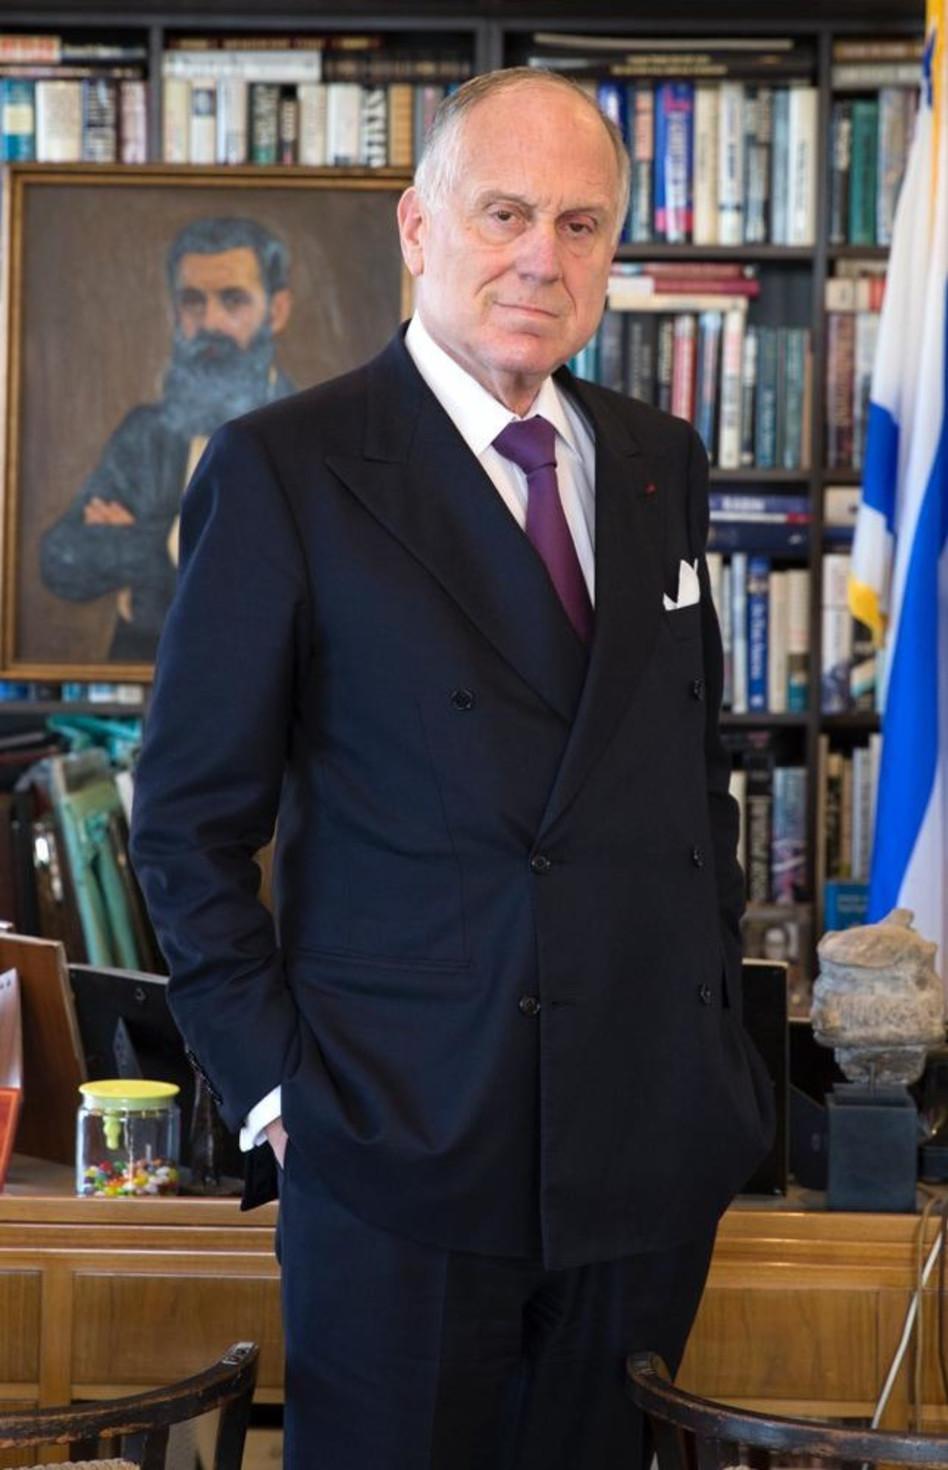 רונלד ס. לאודר (צילום: נועה גרייבסקי)